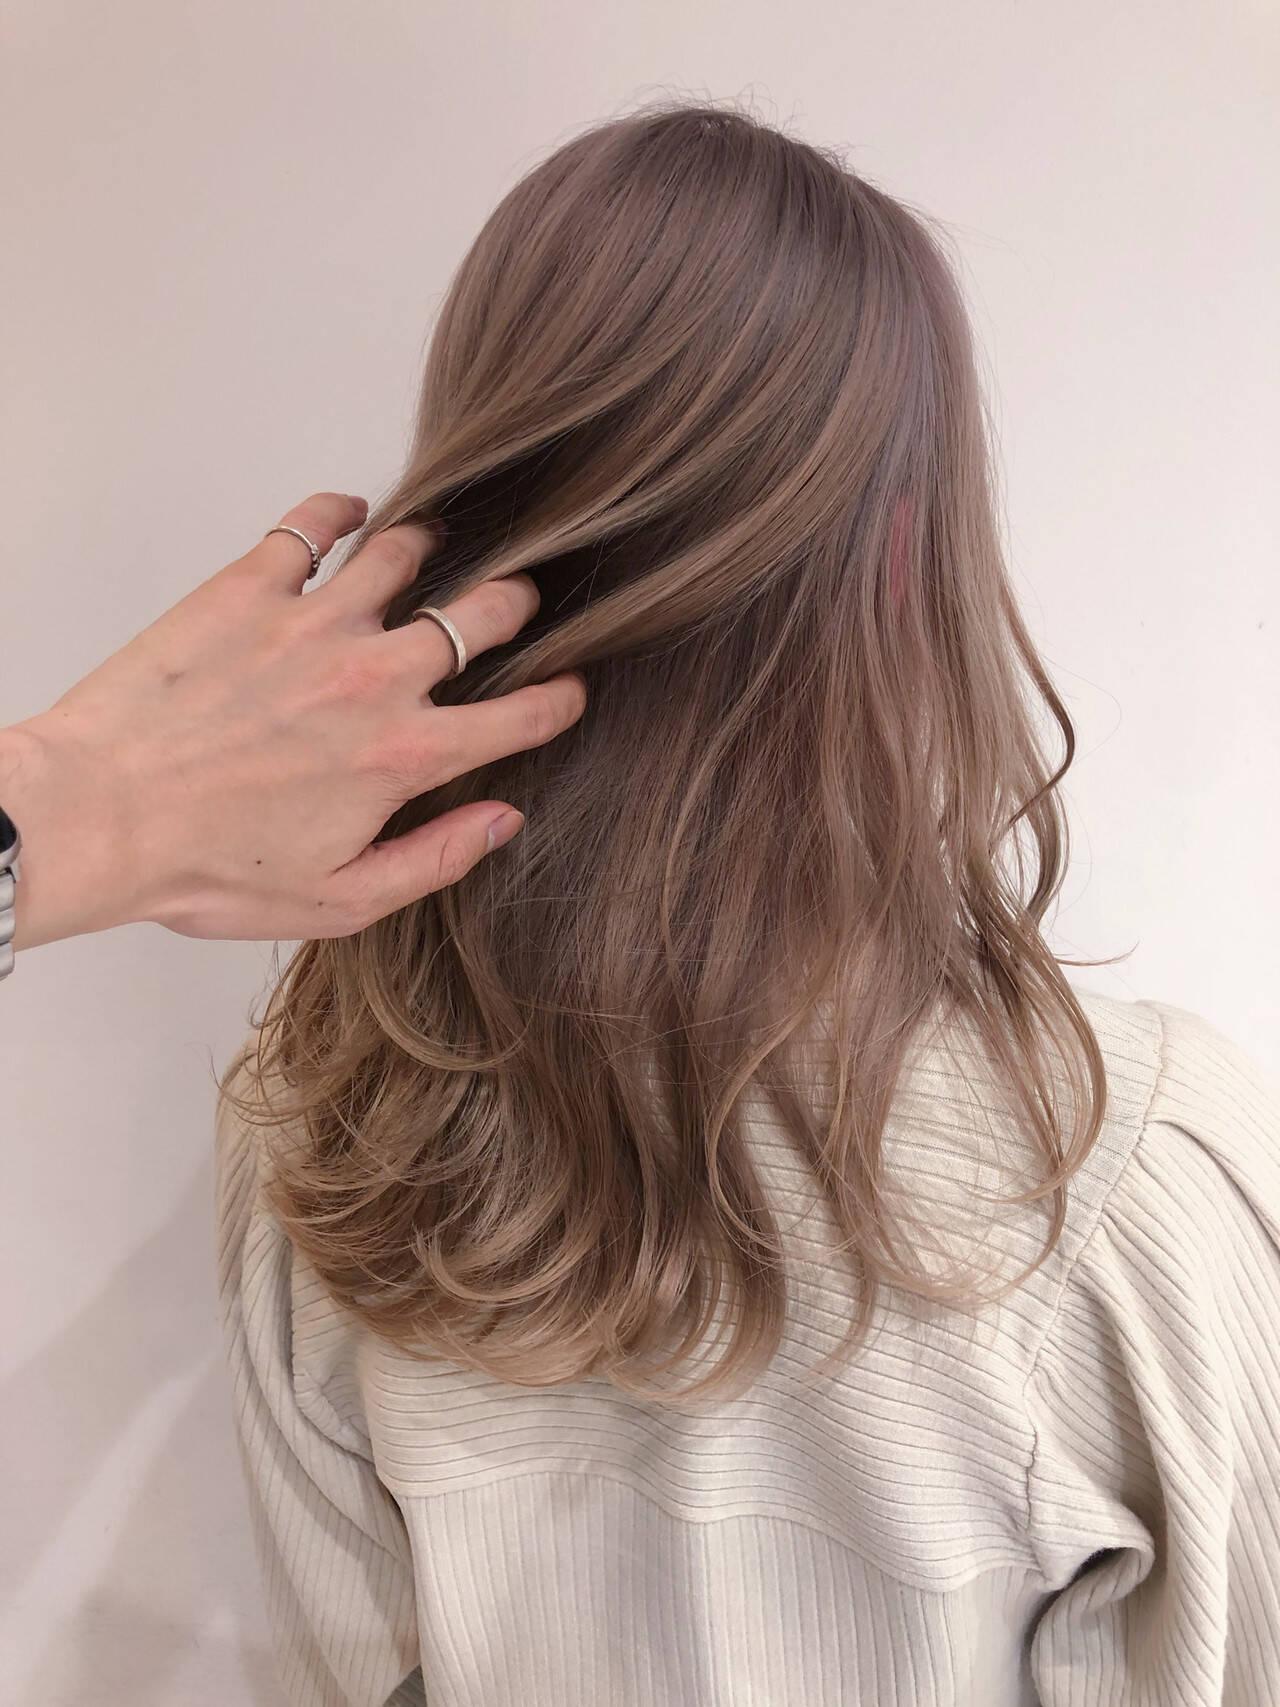 ロング ナチュラル ミルクティーブラウン ミルクティーアッシュヘアスタイルや髪型の写真・画像